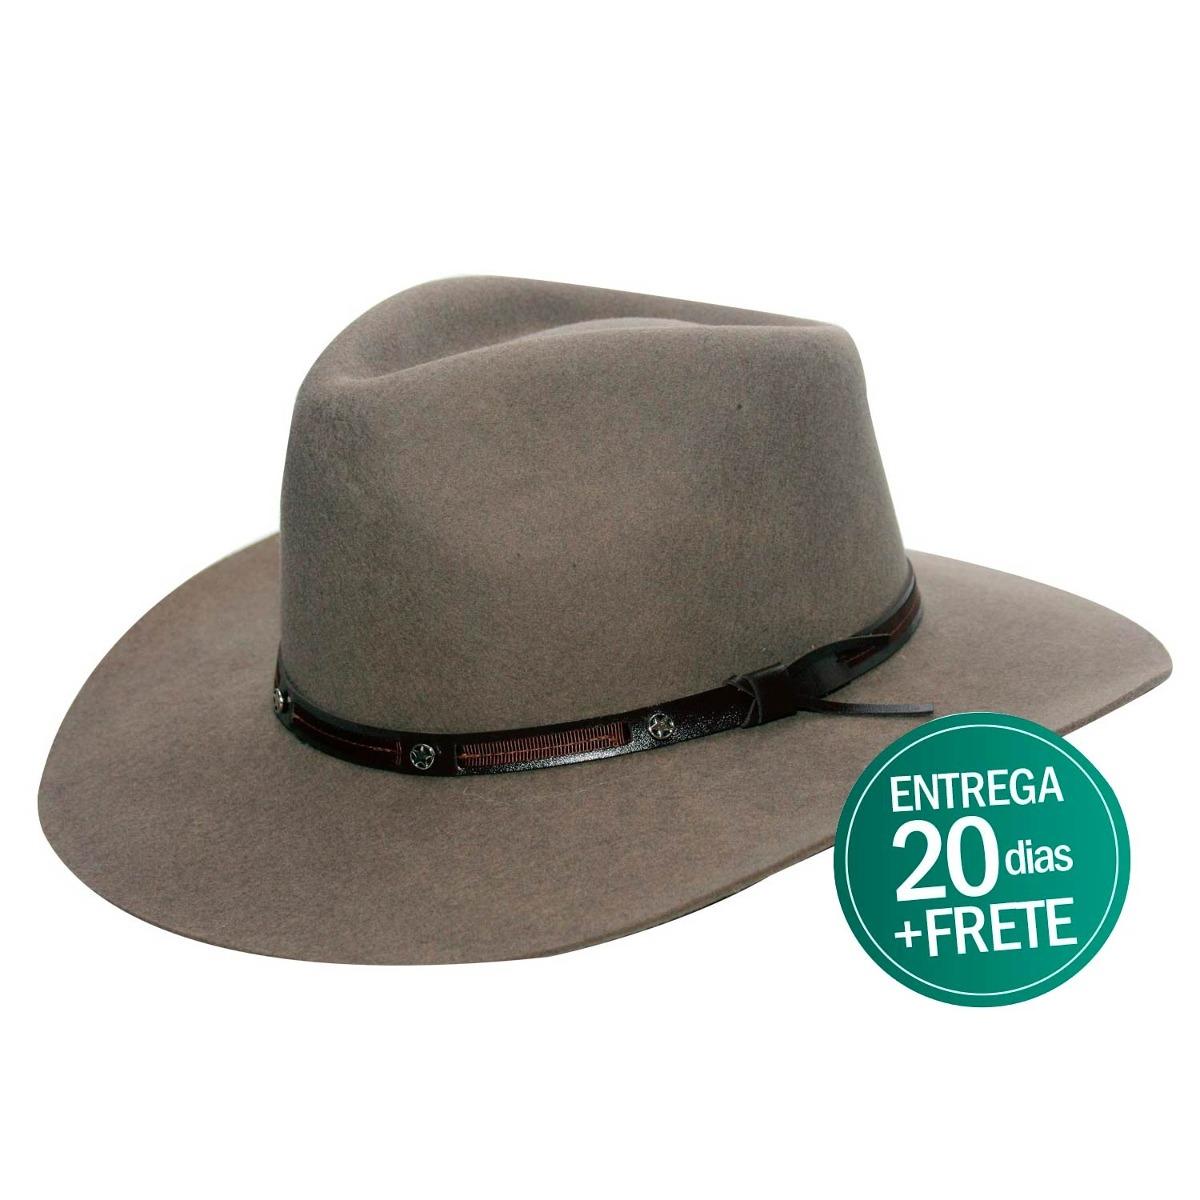 chapéu pralana cavalgada classic campo ii 5x cáqui. Carregando zoom. cb91facfcc4